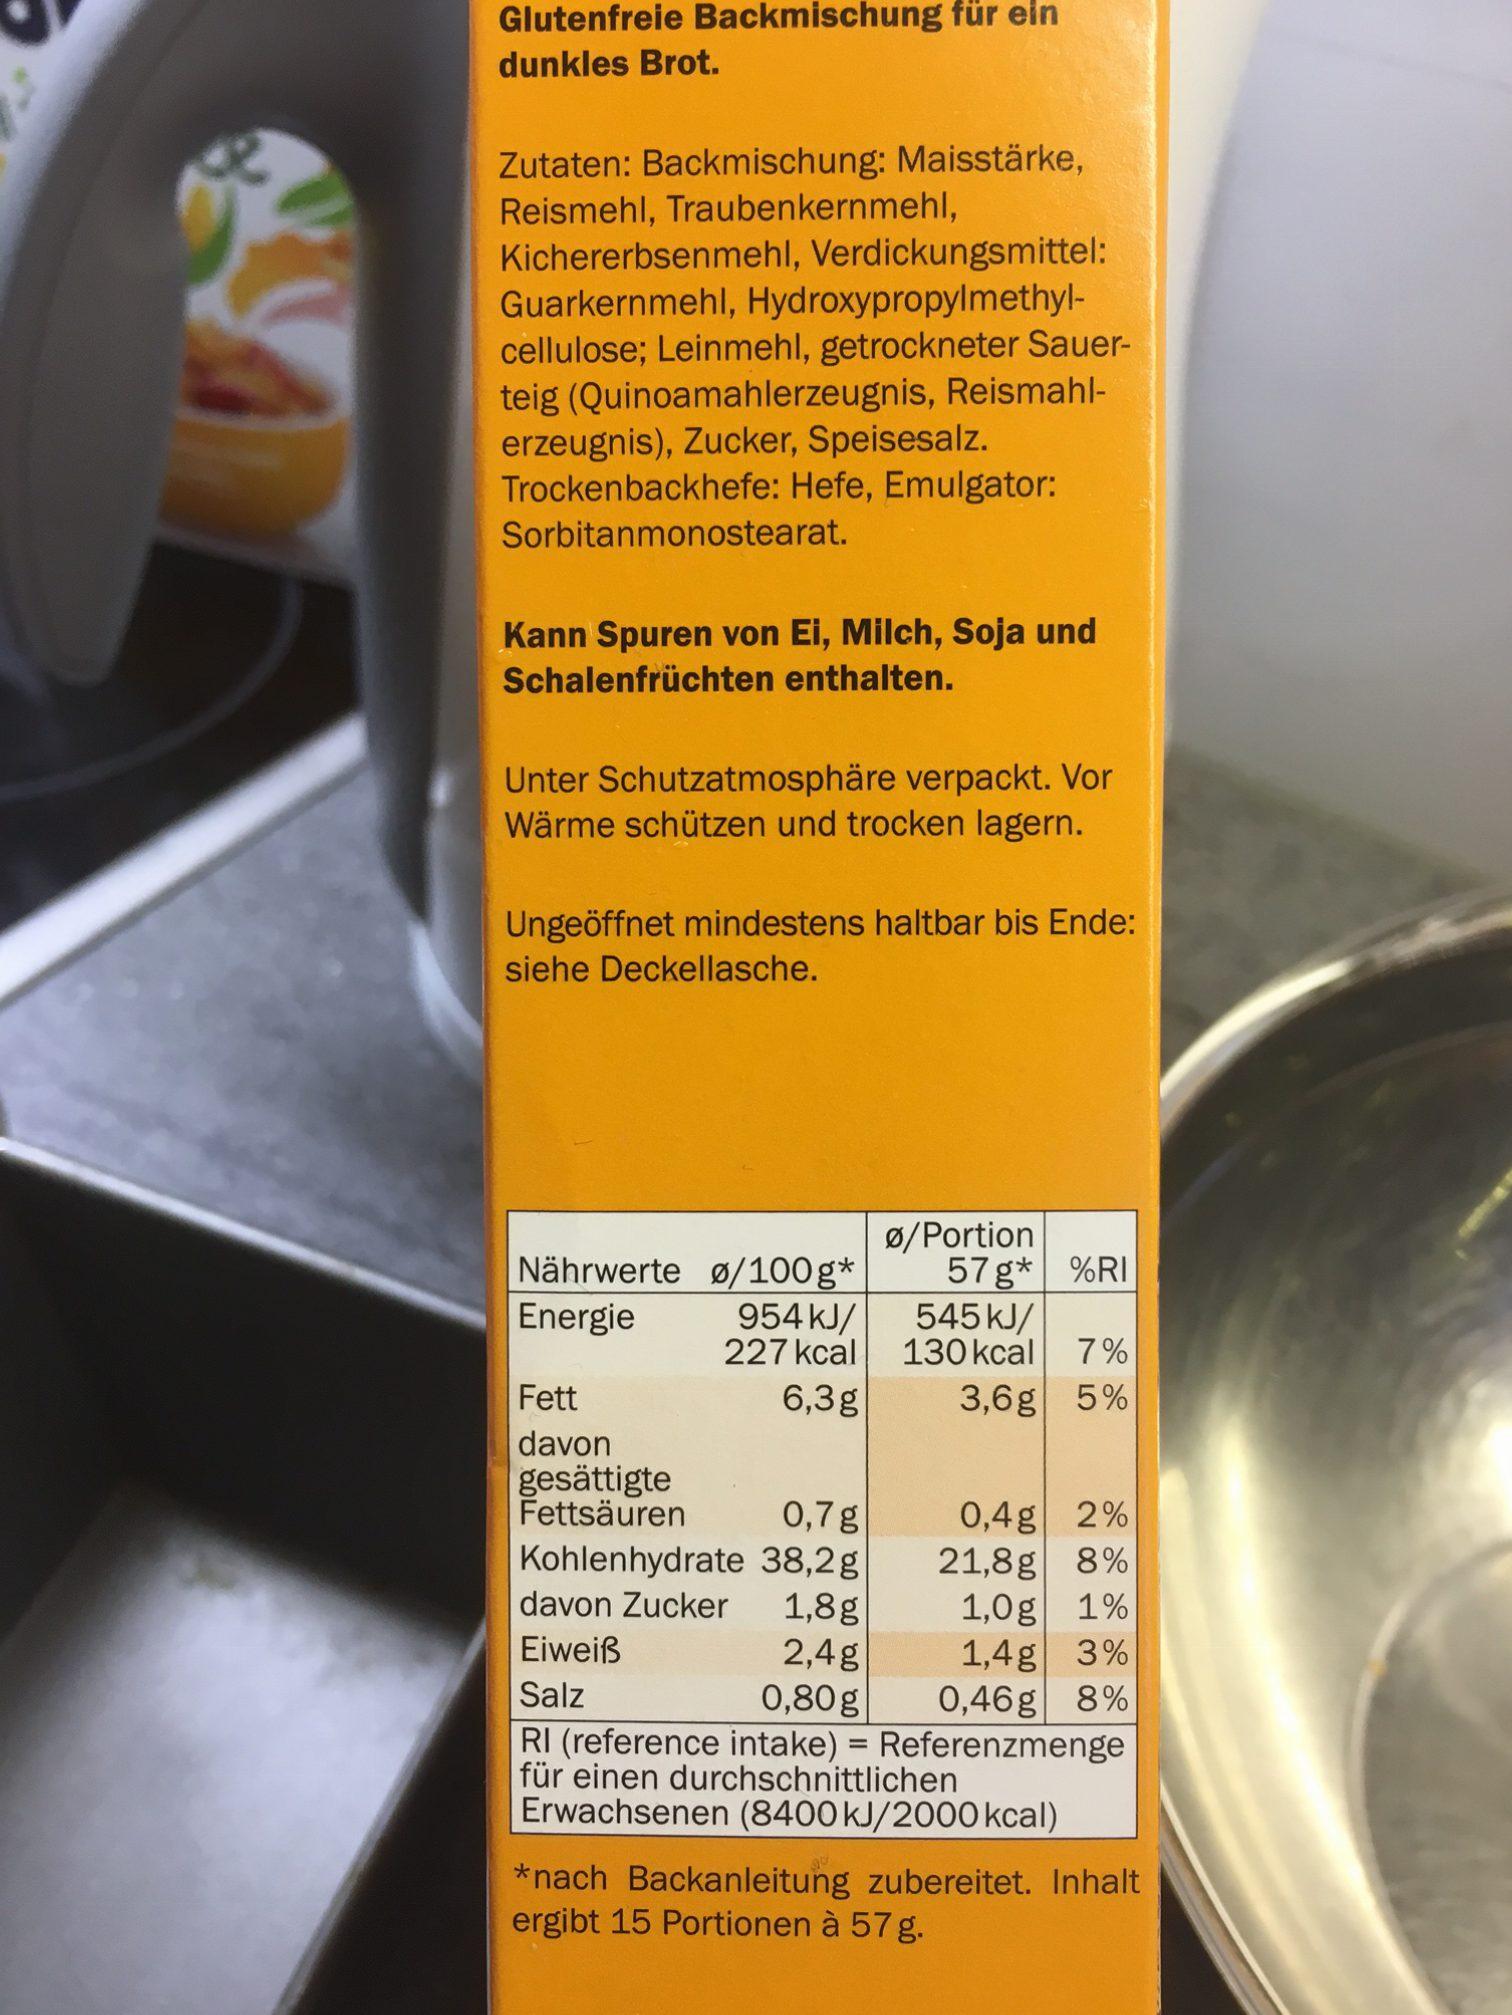 Glutenfreie Artikel Beim Discounter Lidl Ist Vorreiter In Europa